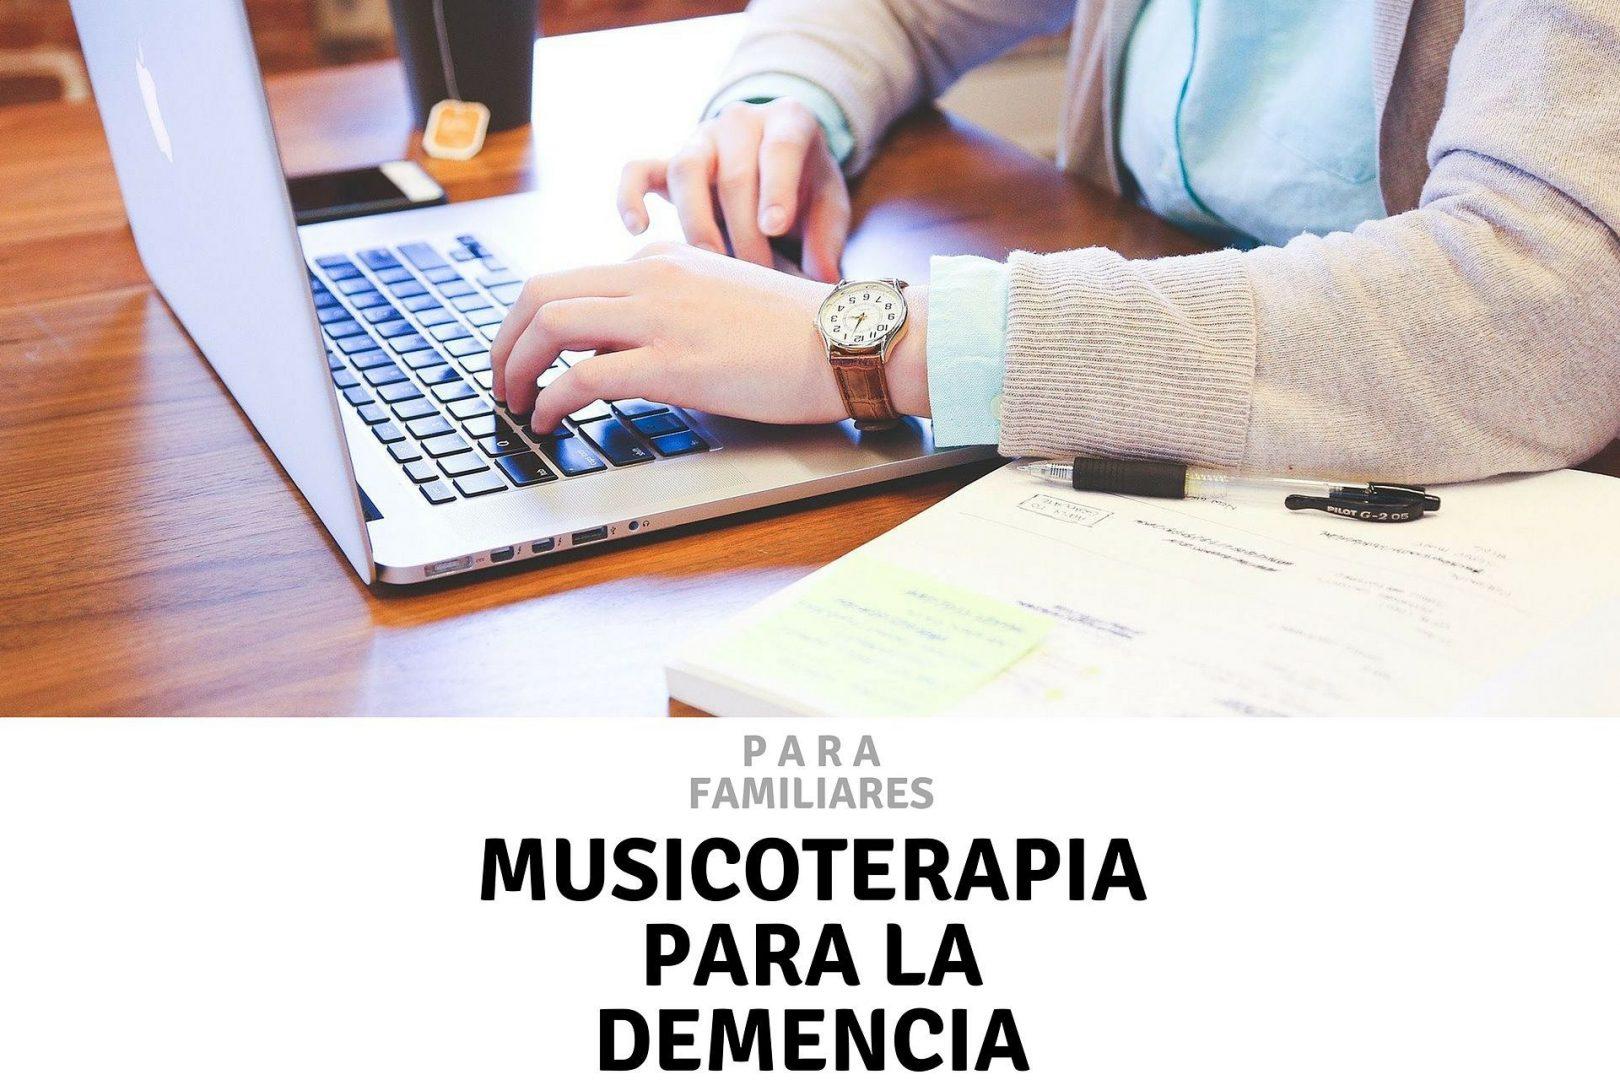 Musicoterapia para la demencia